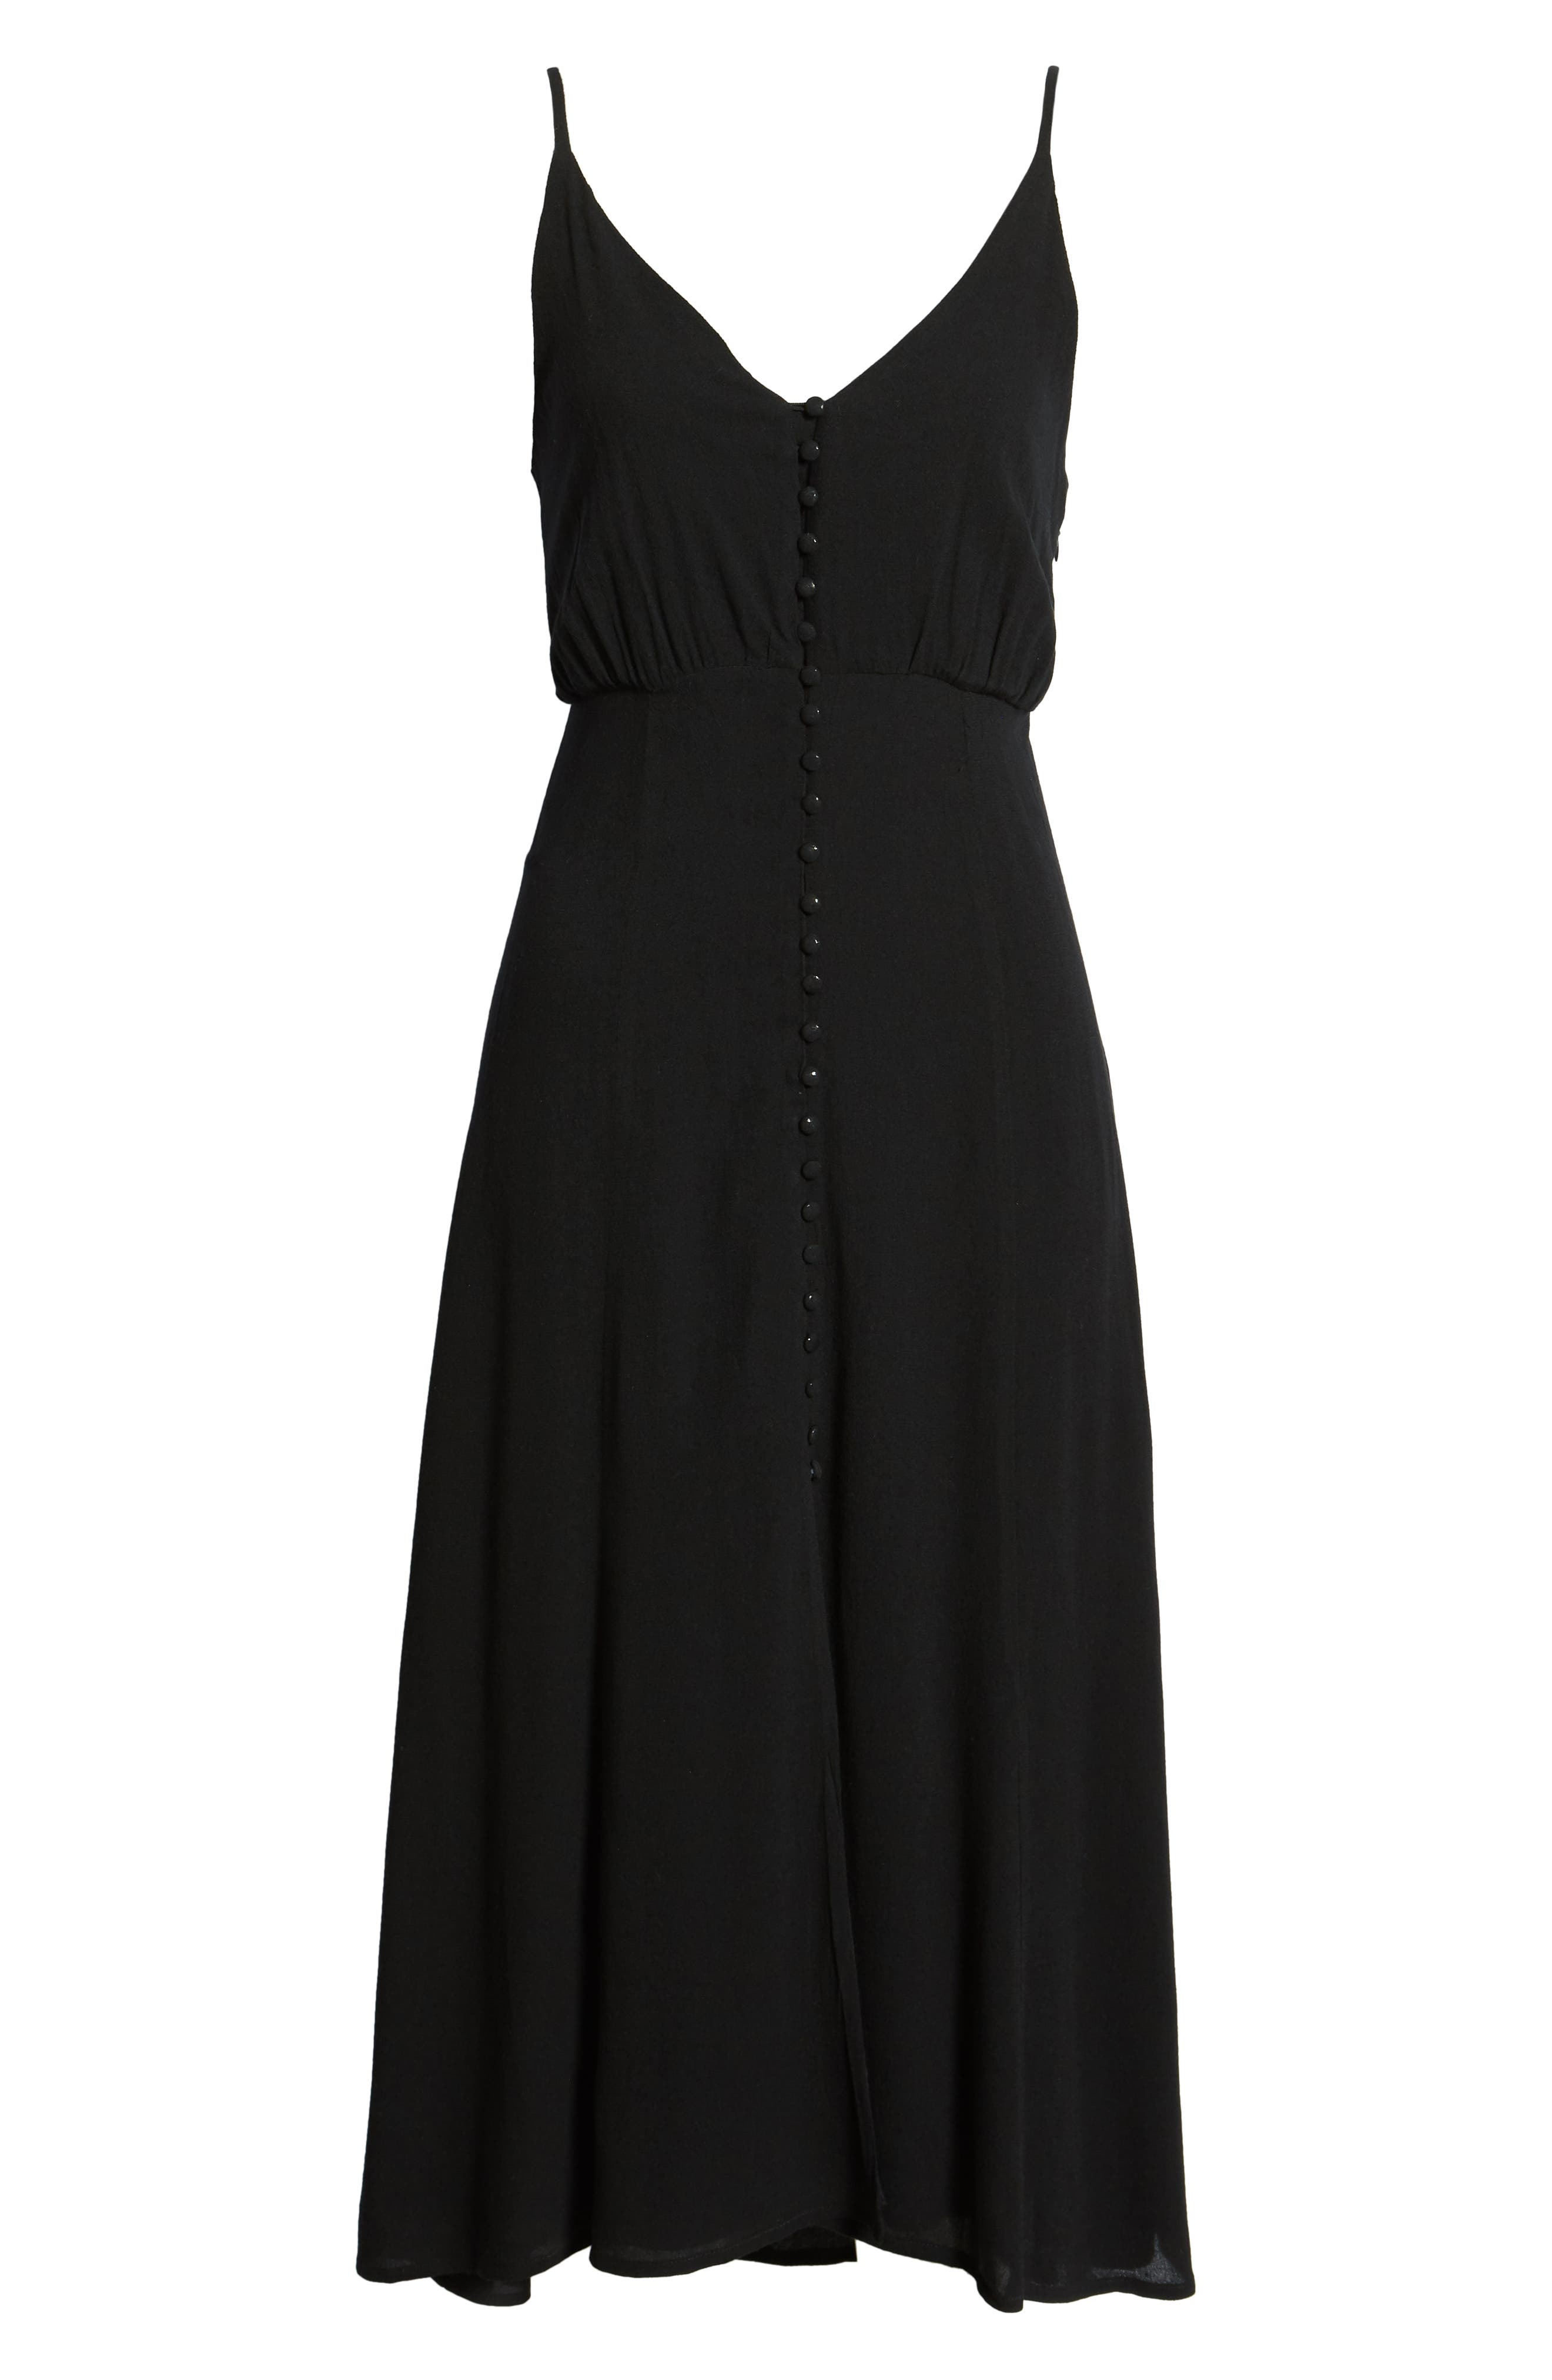 LIRA CLOTHING,                             Cedar Break Midi Dress,                             Alternate thumbnail 7, color,                             BLACK